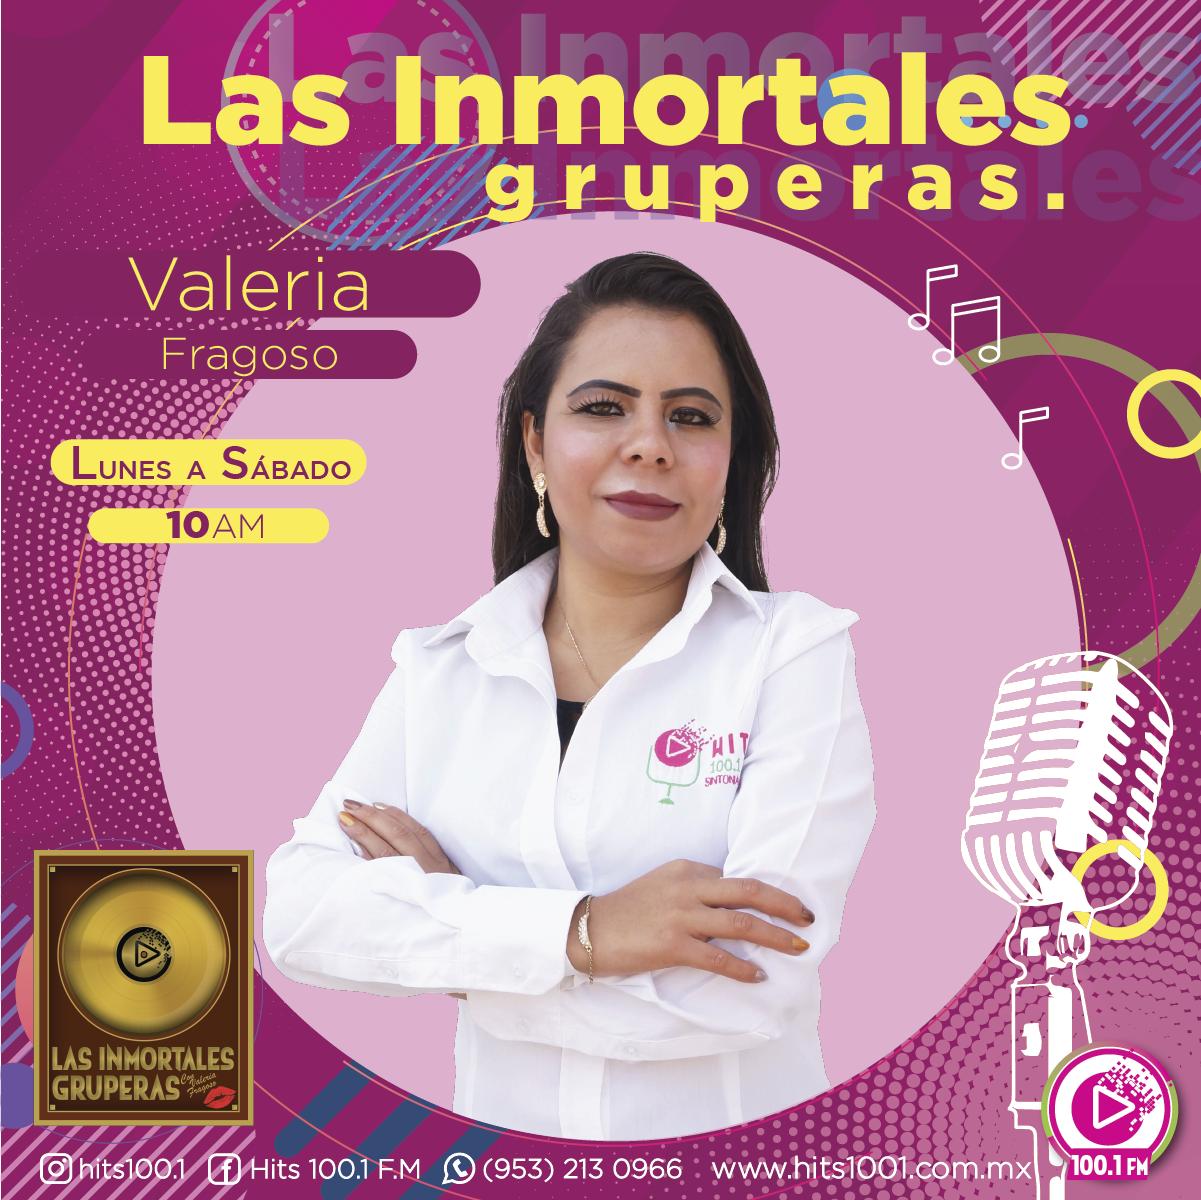 https://0201.nccdn.net/1_2/000/000/162/015/lsa-inmortales-gruperas-10-am.png